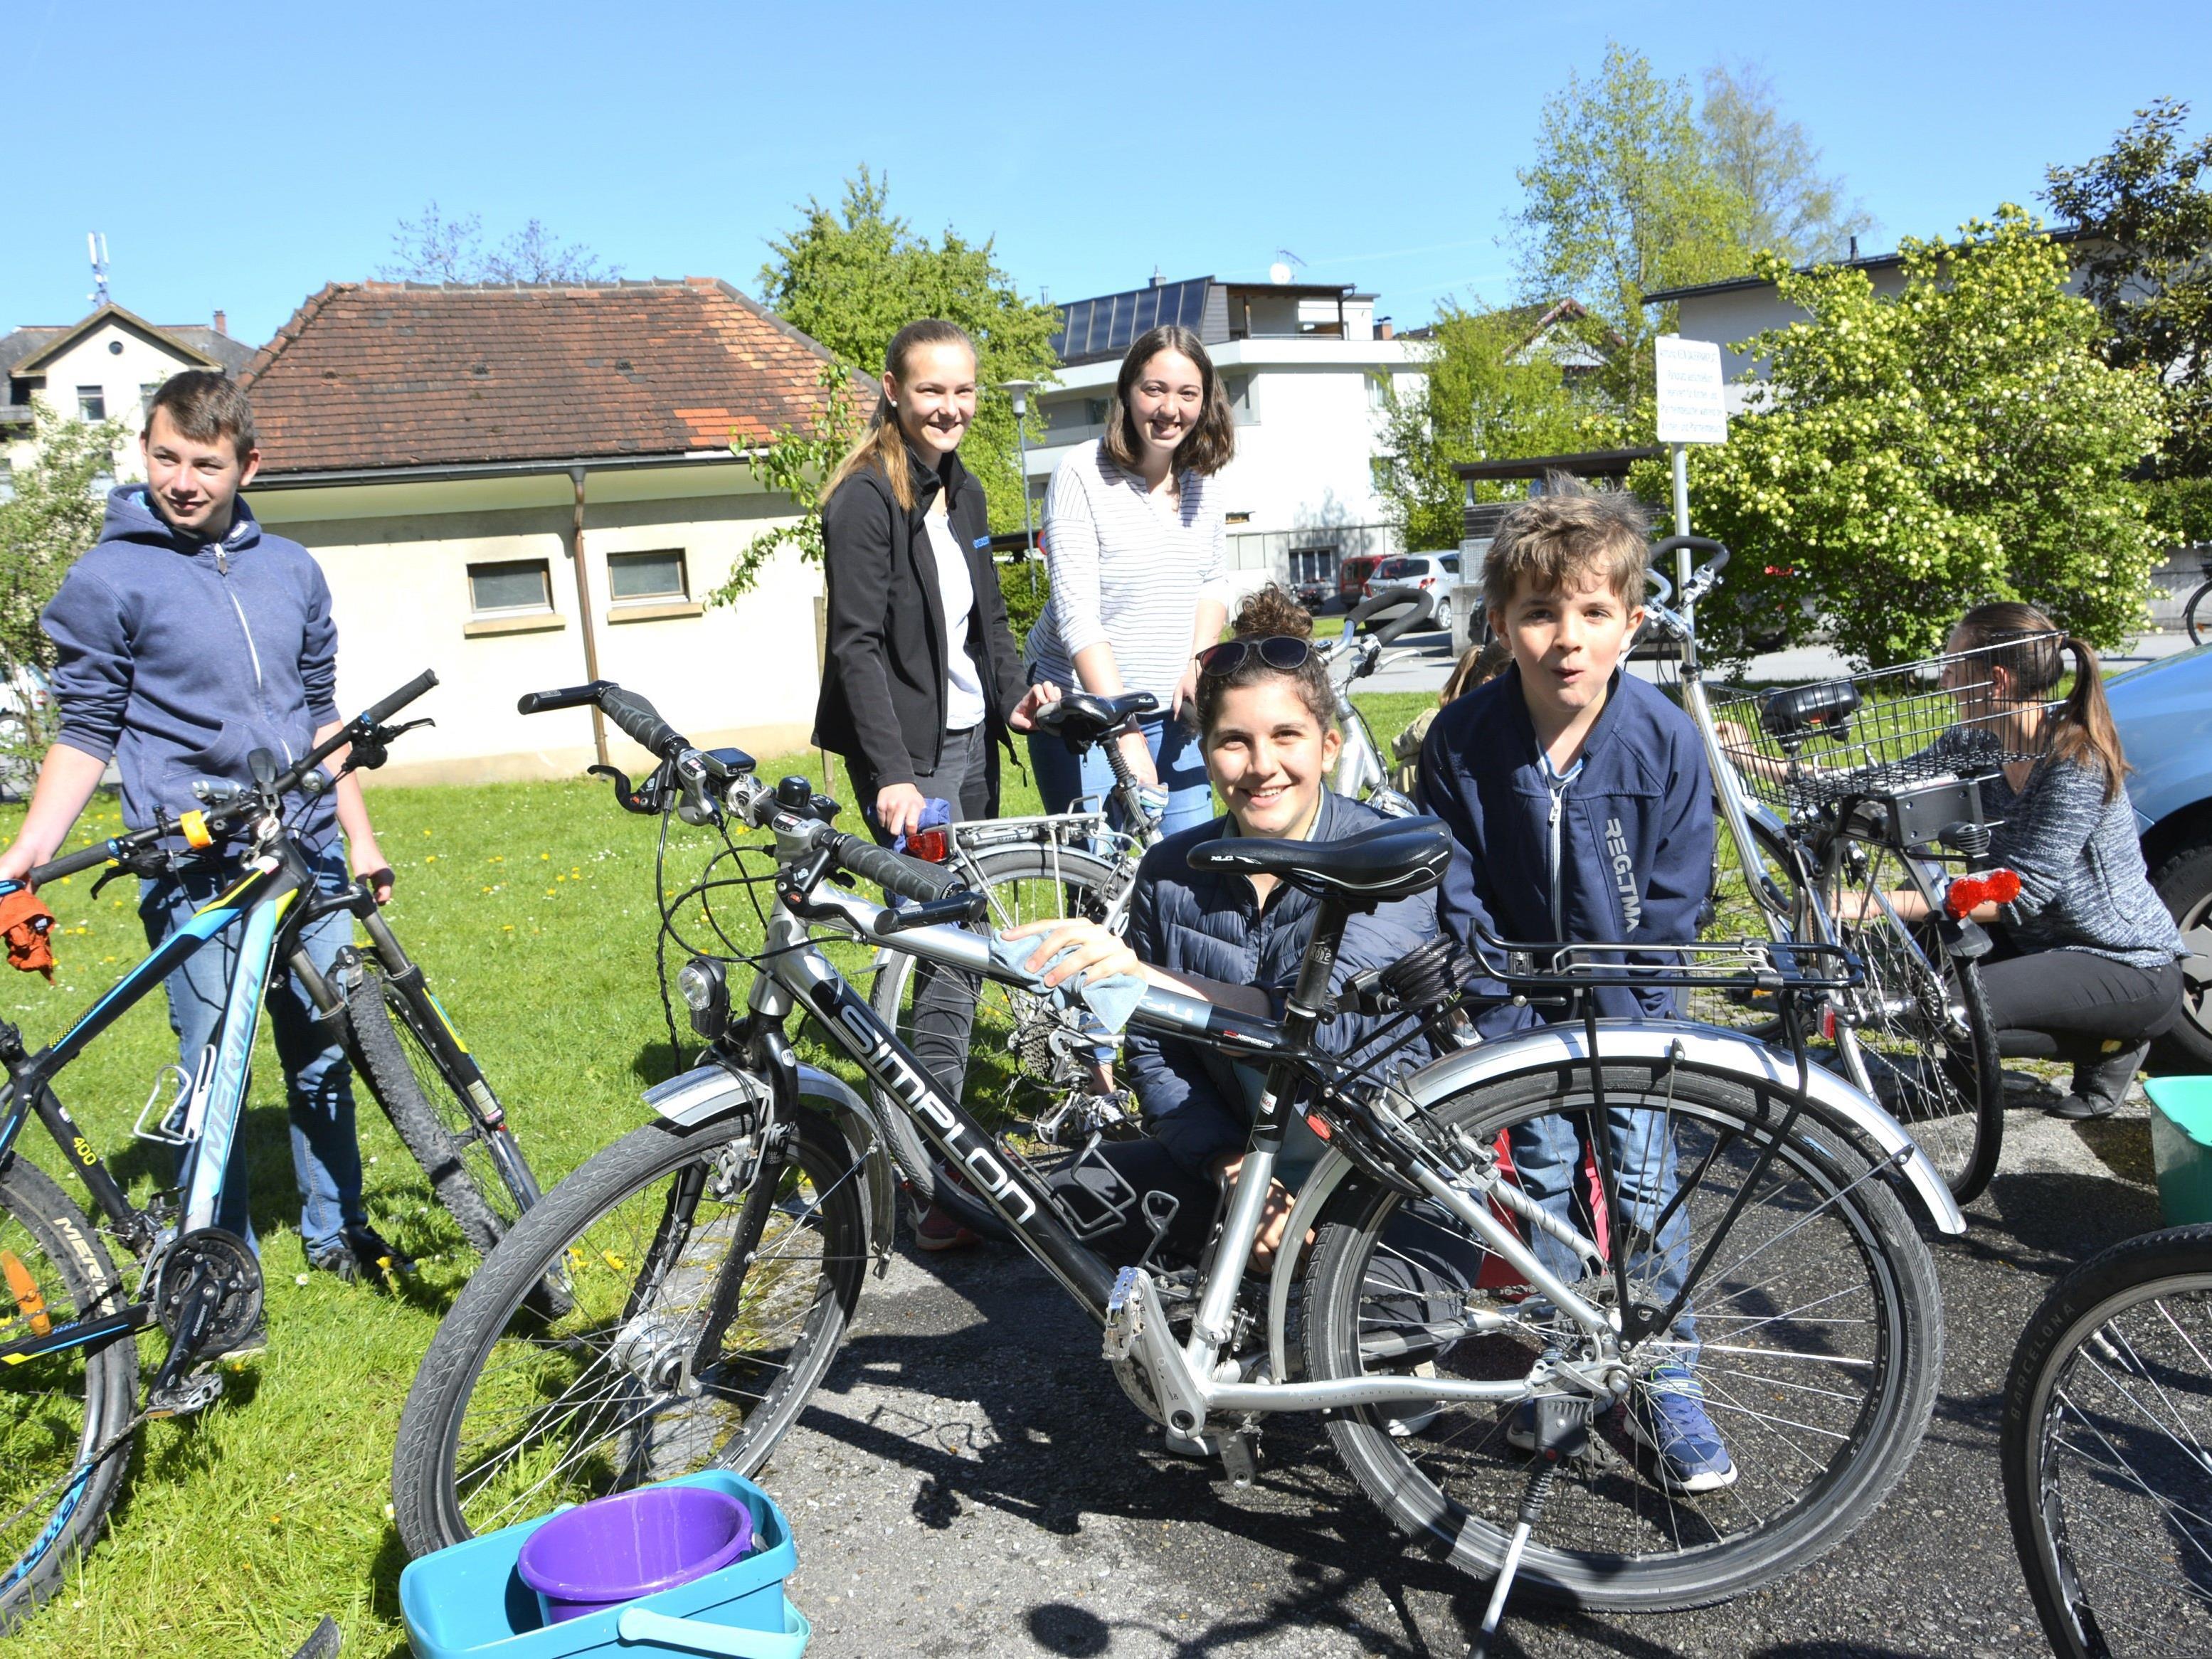 Das Ministrantenteam aus dem Hatlerdorf war amSonntag eifrig im Einsatz beim Fahrradputzen.